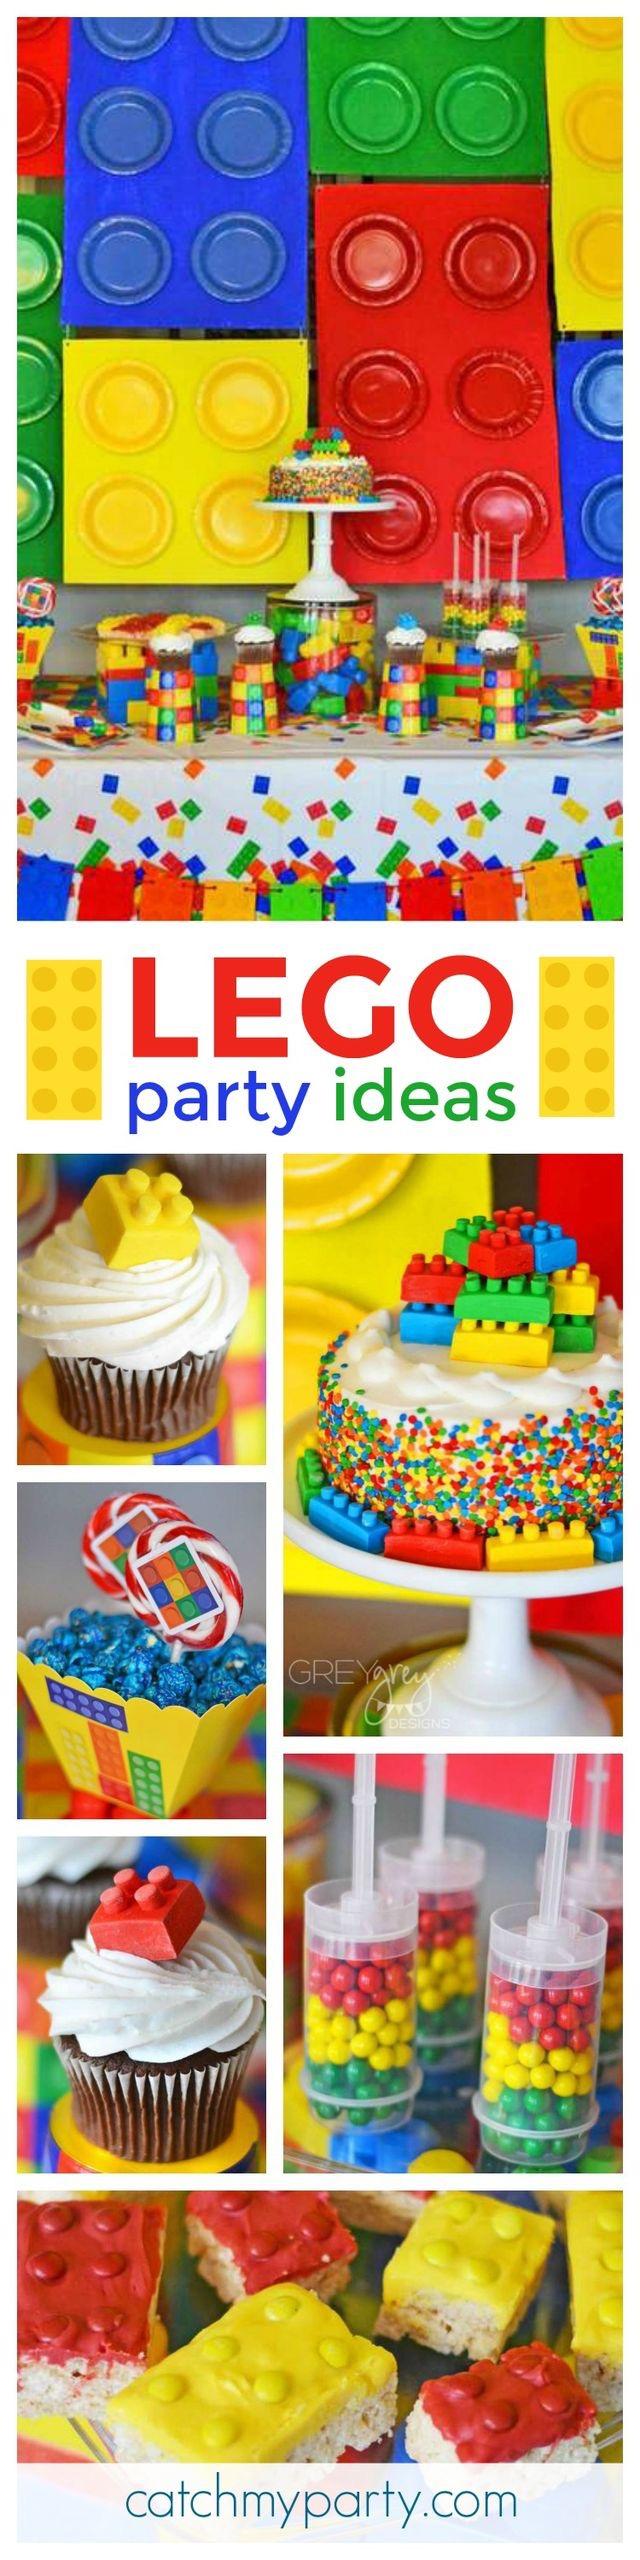 Pin By Eva Lazarova On Cakes Party Ideas Lego Birthday Party Lego Party Lego Birthday